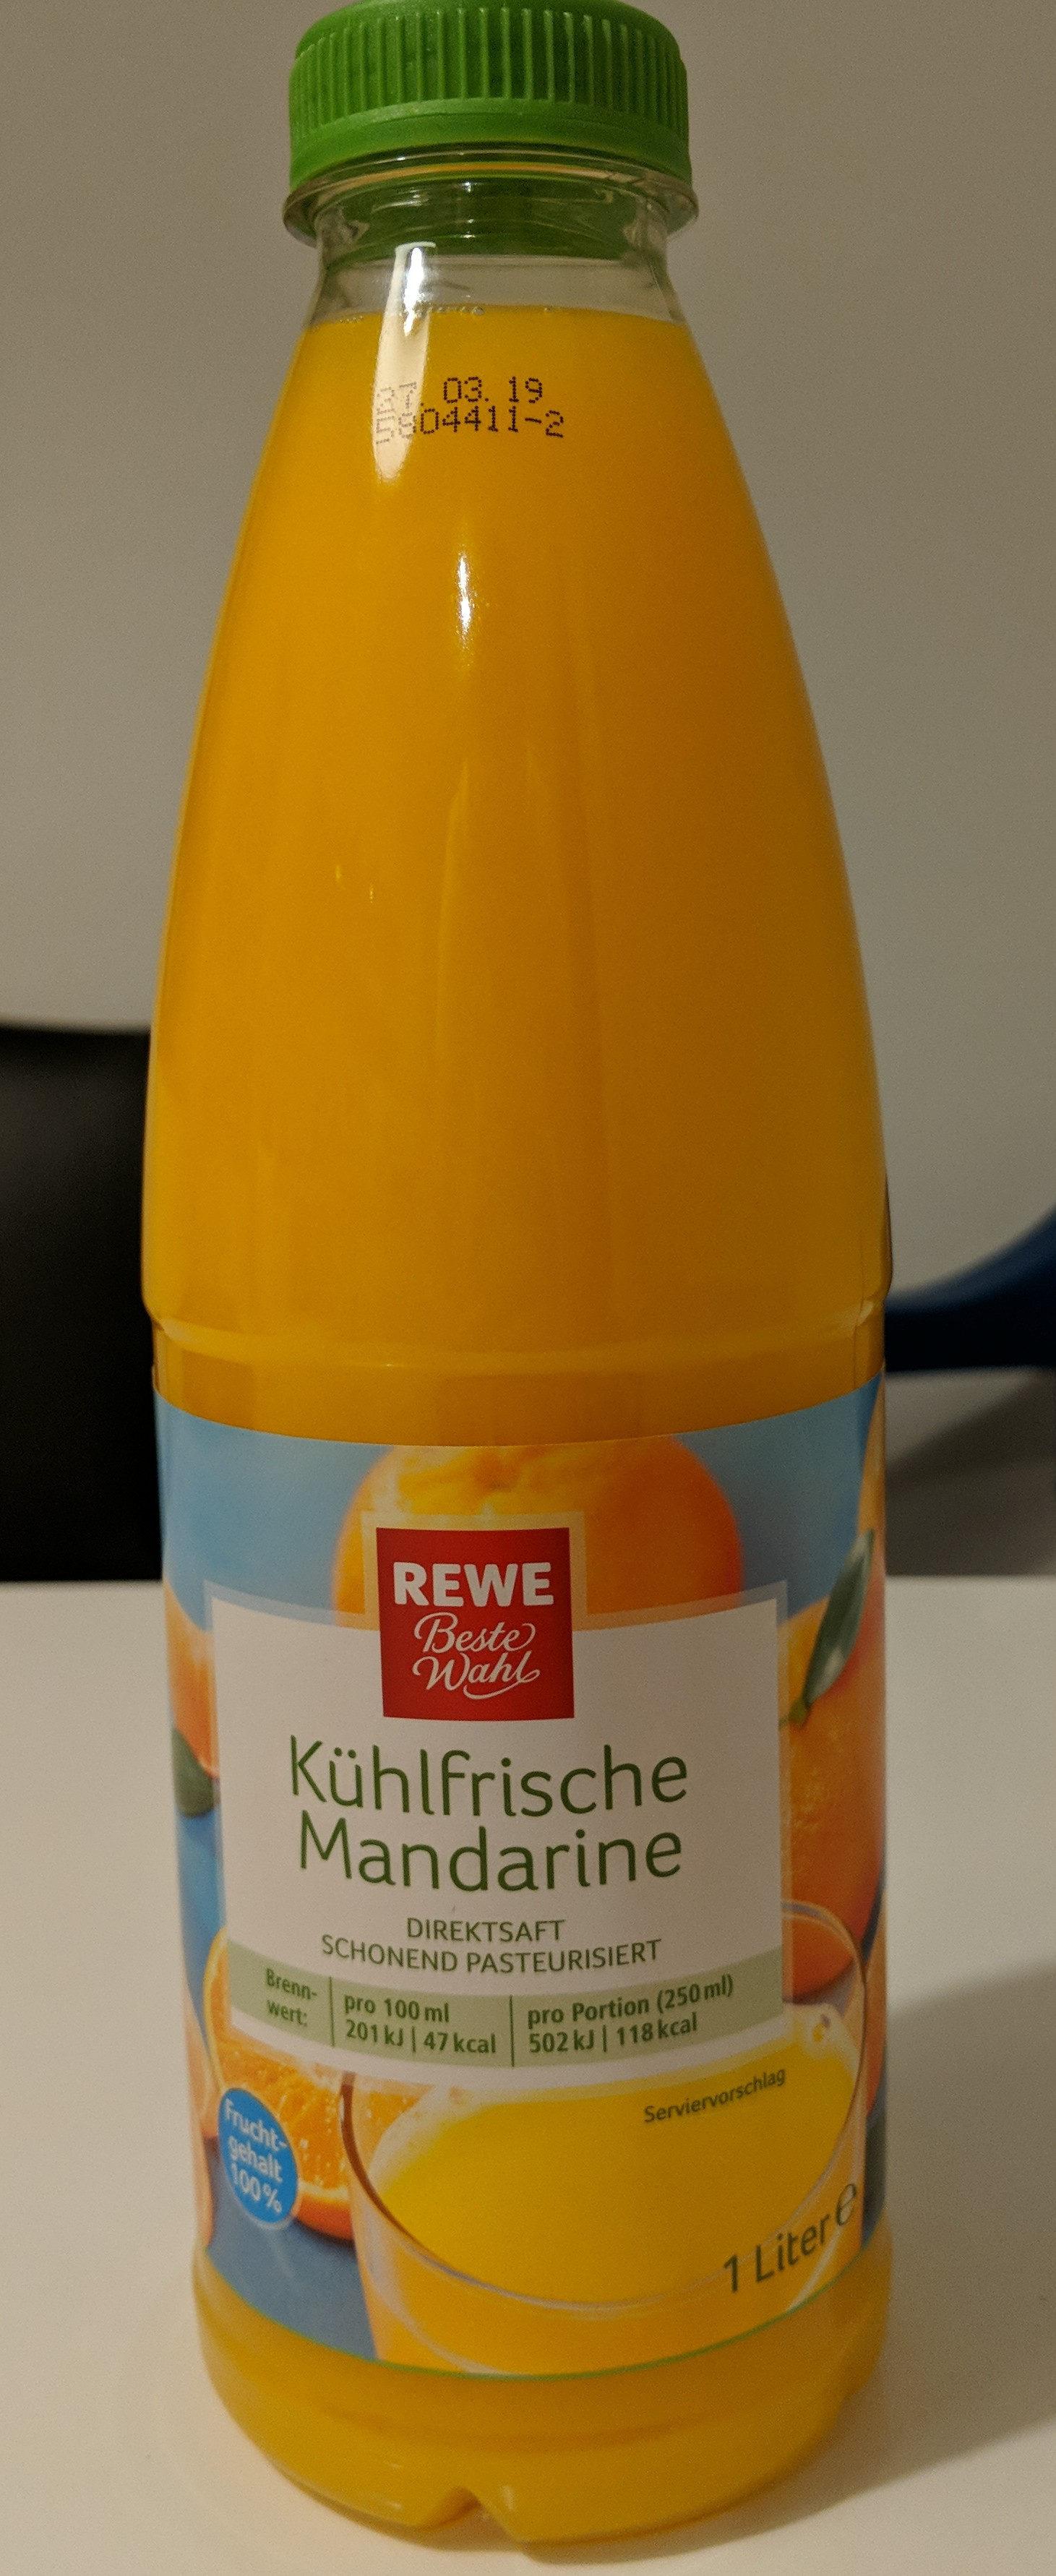 Kühlfrische Mandarine - Product - de